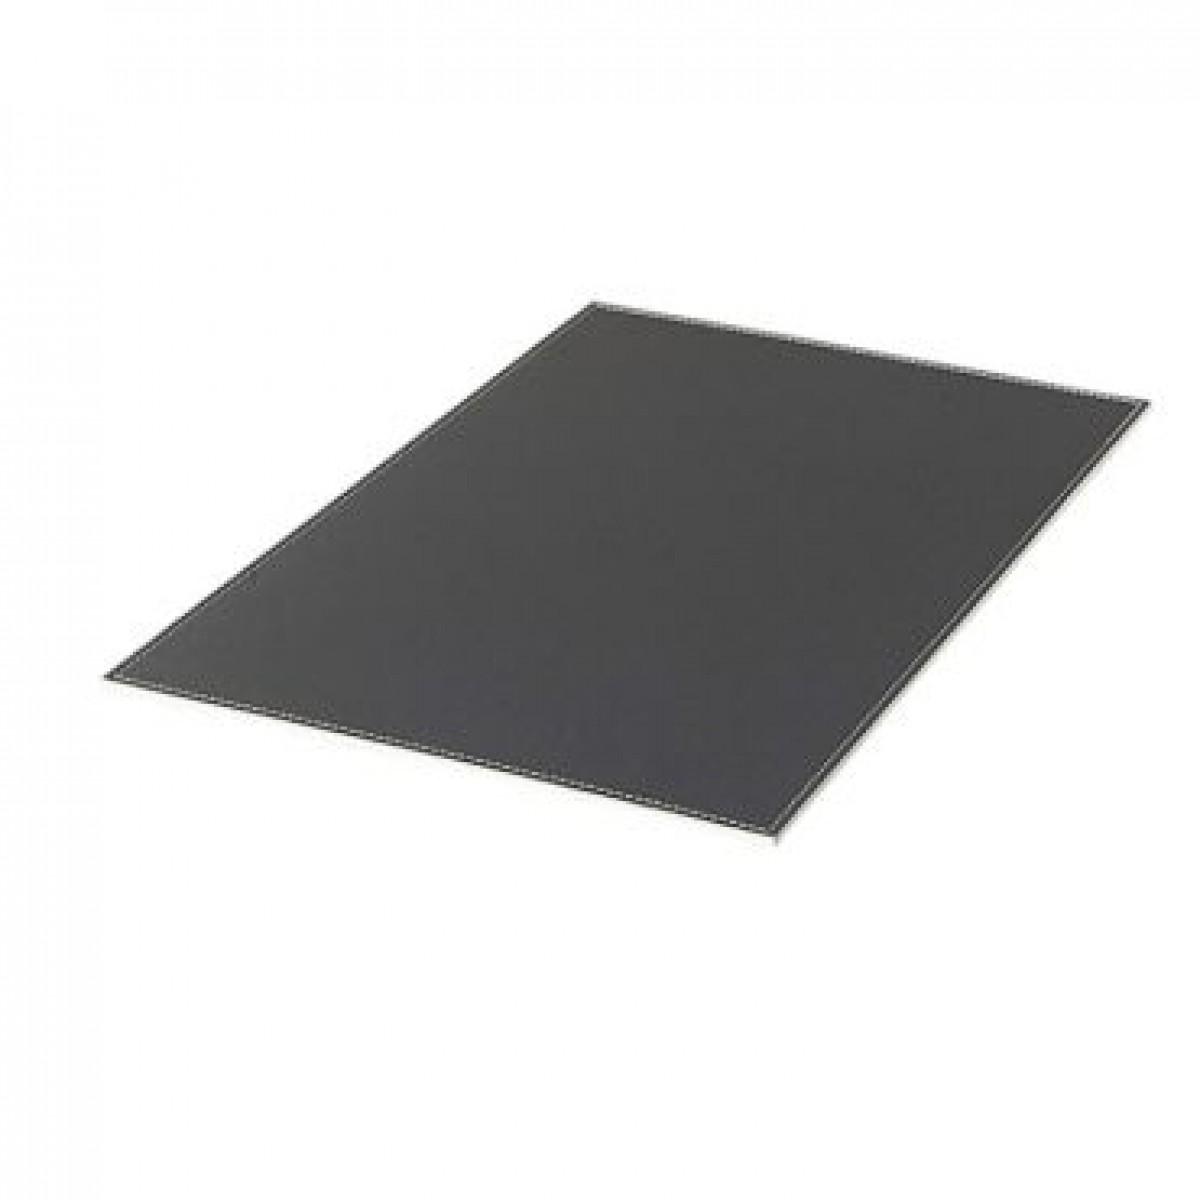 DACORE Dækkeserviet firkantet grå læderlook